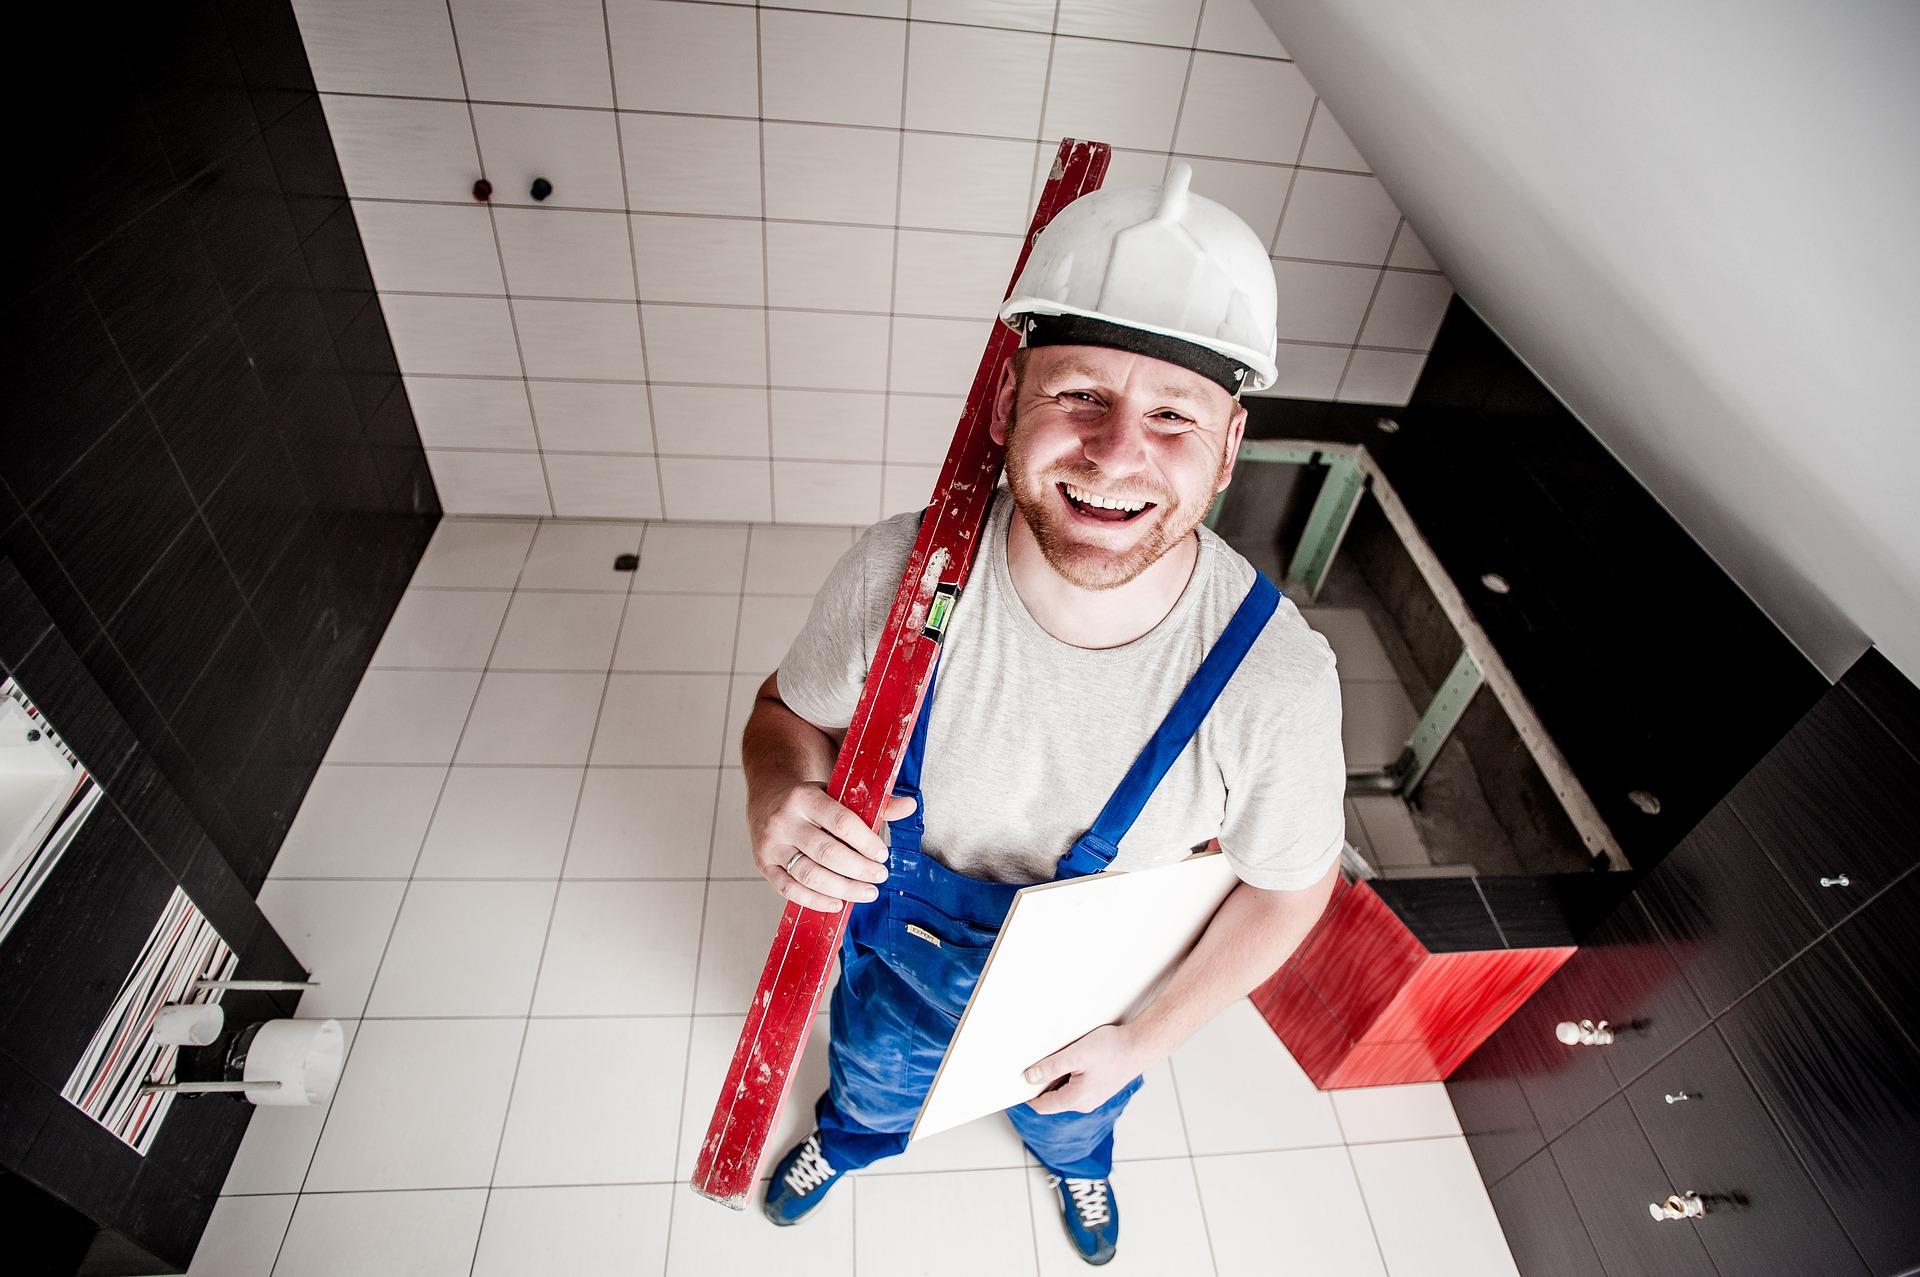 Installateur in Wien Termin vereinbaren Klempner Notdienst